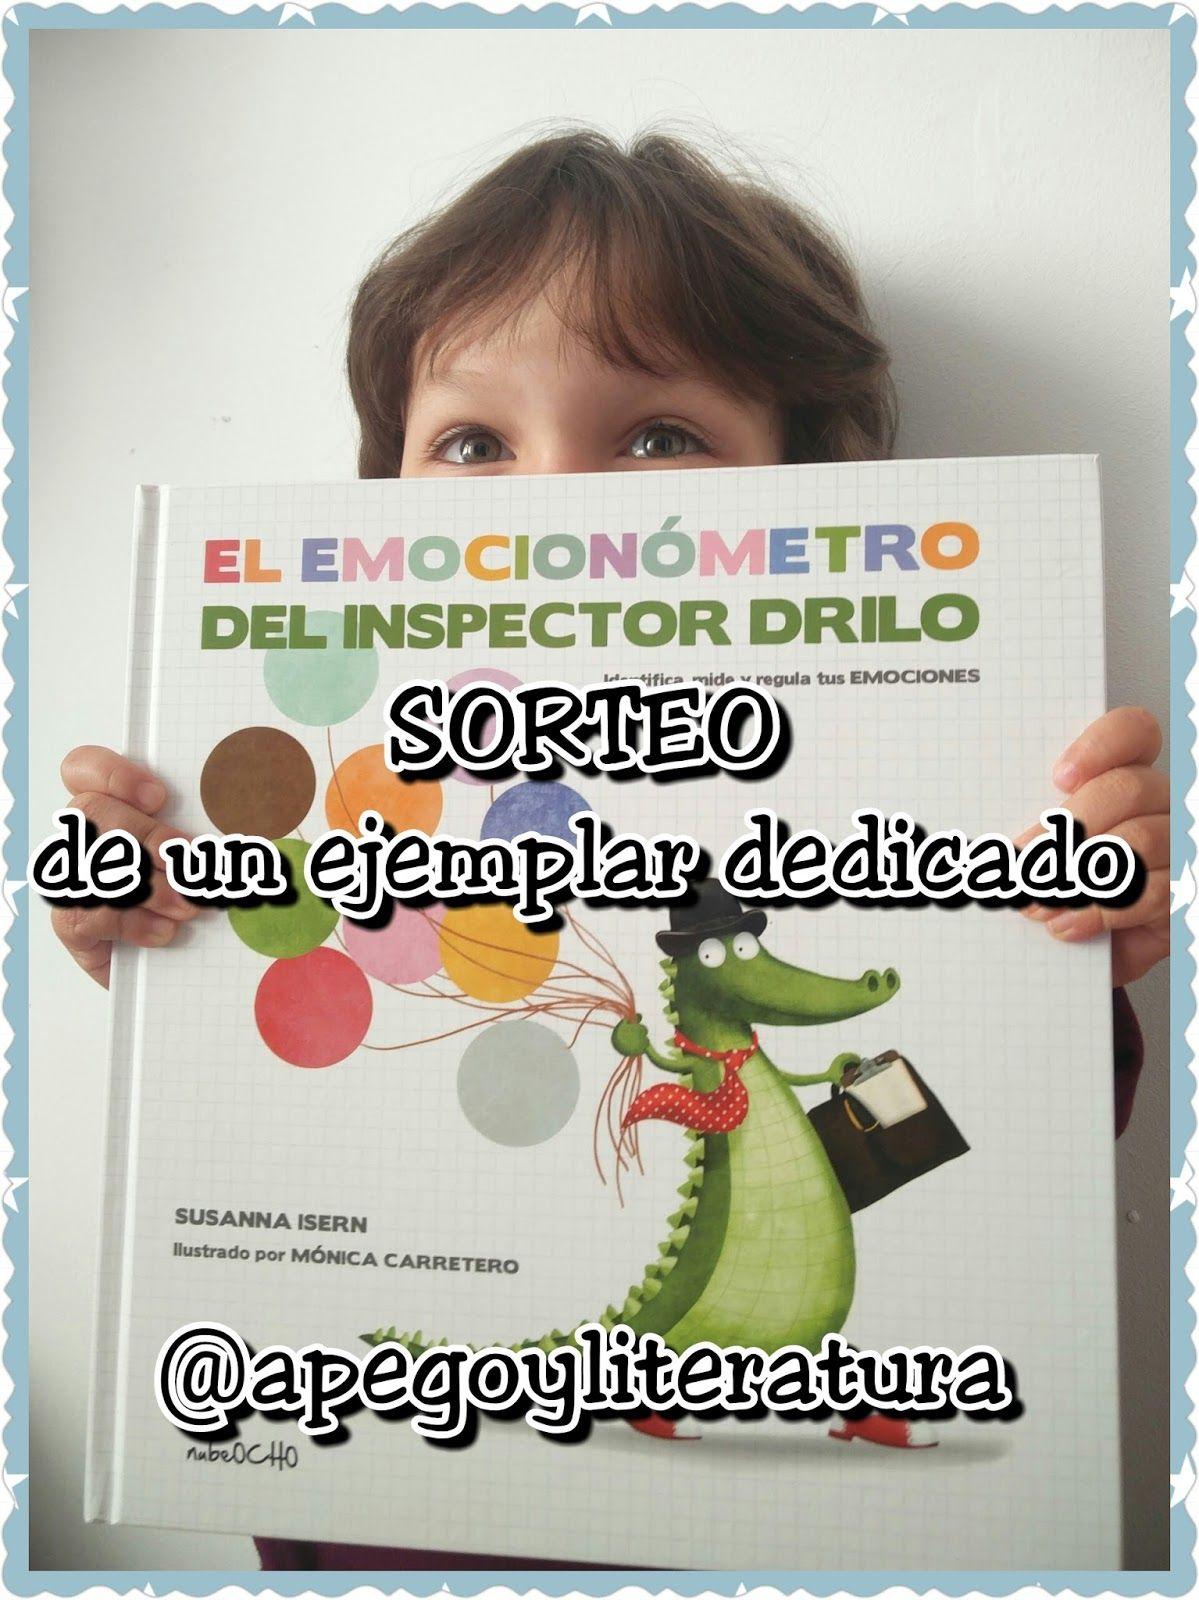 El emocionómetro del Inspector Drilo   Susanna Isern  (Autora), Mónica Carretero  (Ilustradora)   Editorial Nub eO cho    +7 años  ...